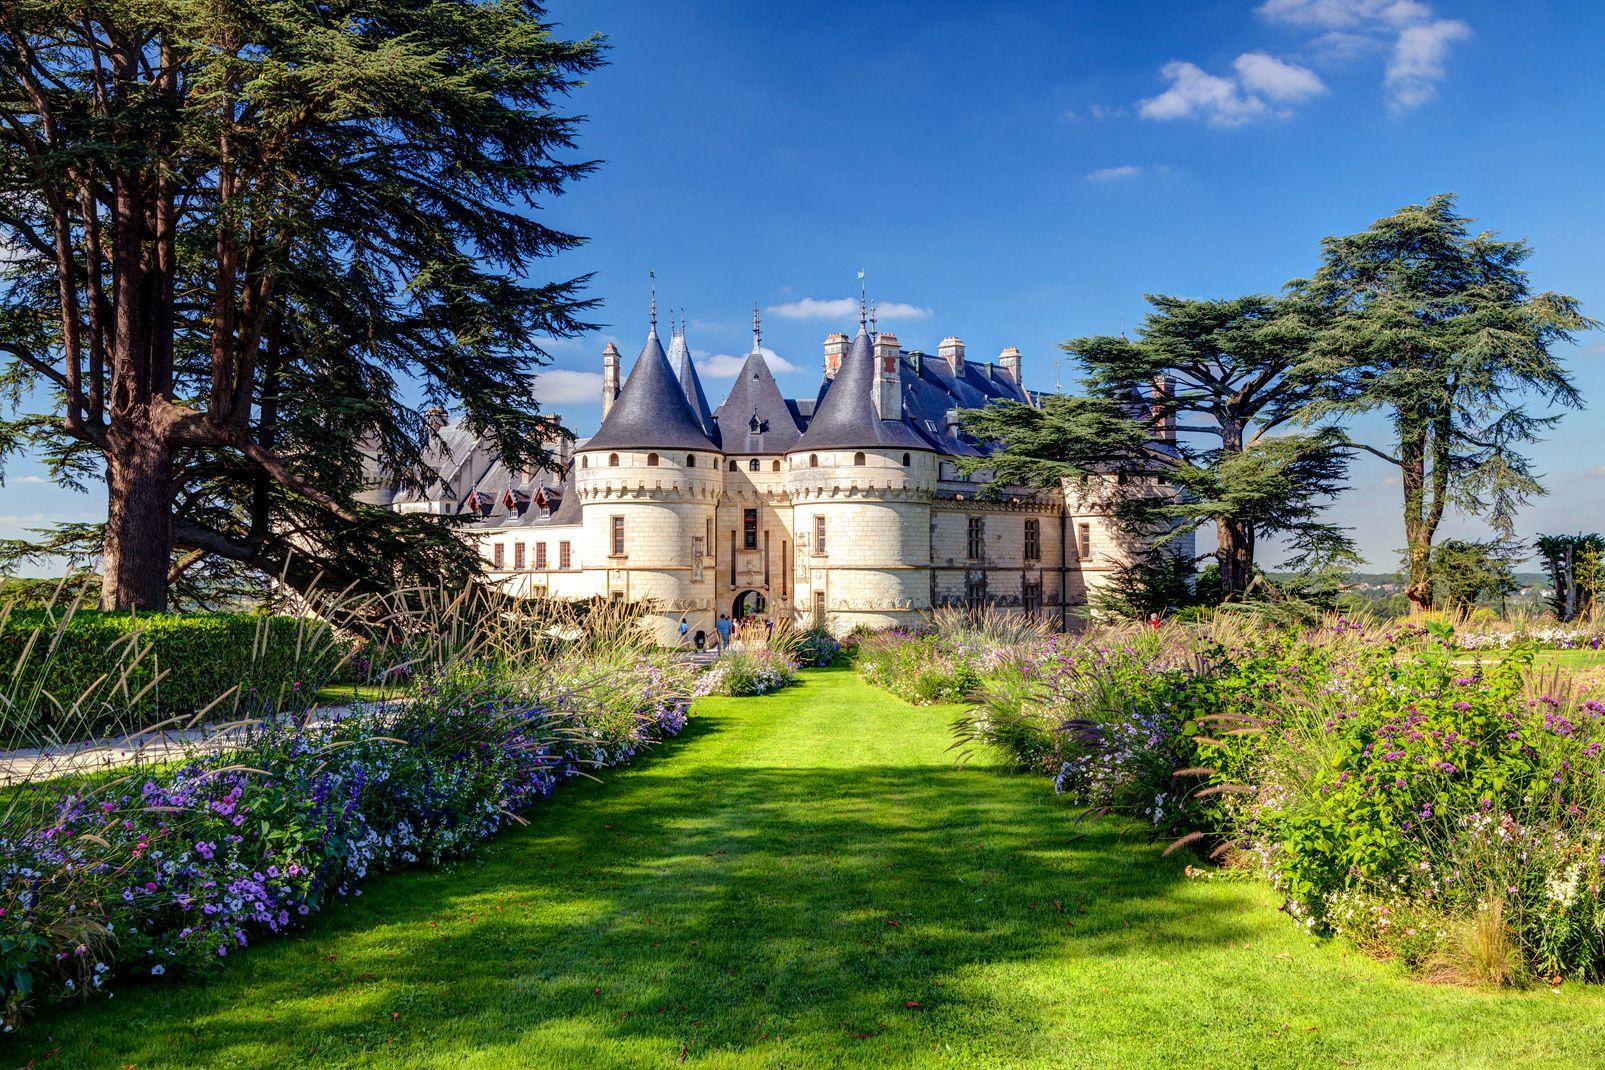 Central France, France